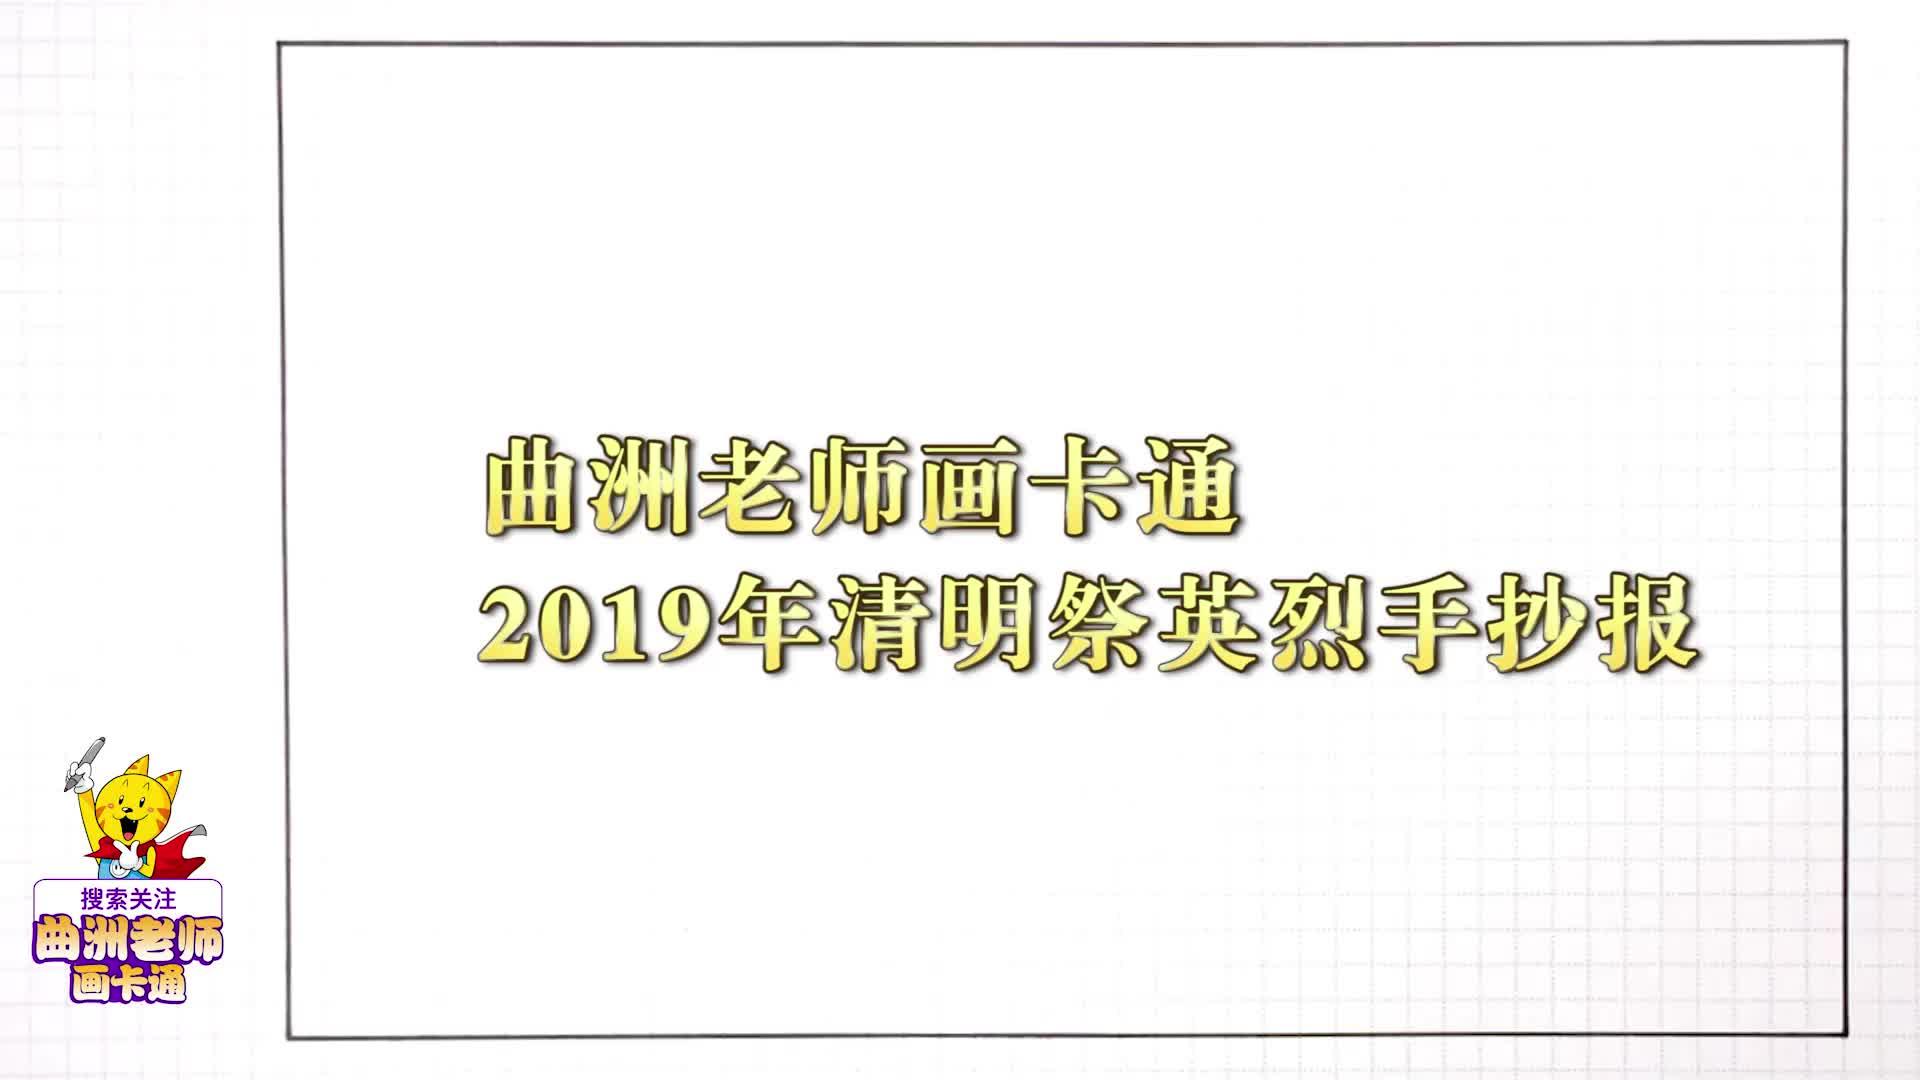 2019年清明祭英烈手抄报视频教程,赶紧收好